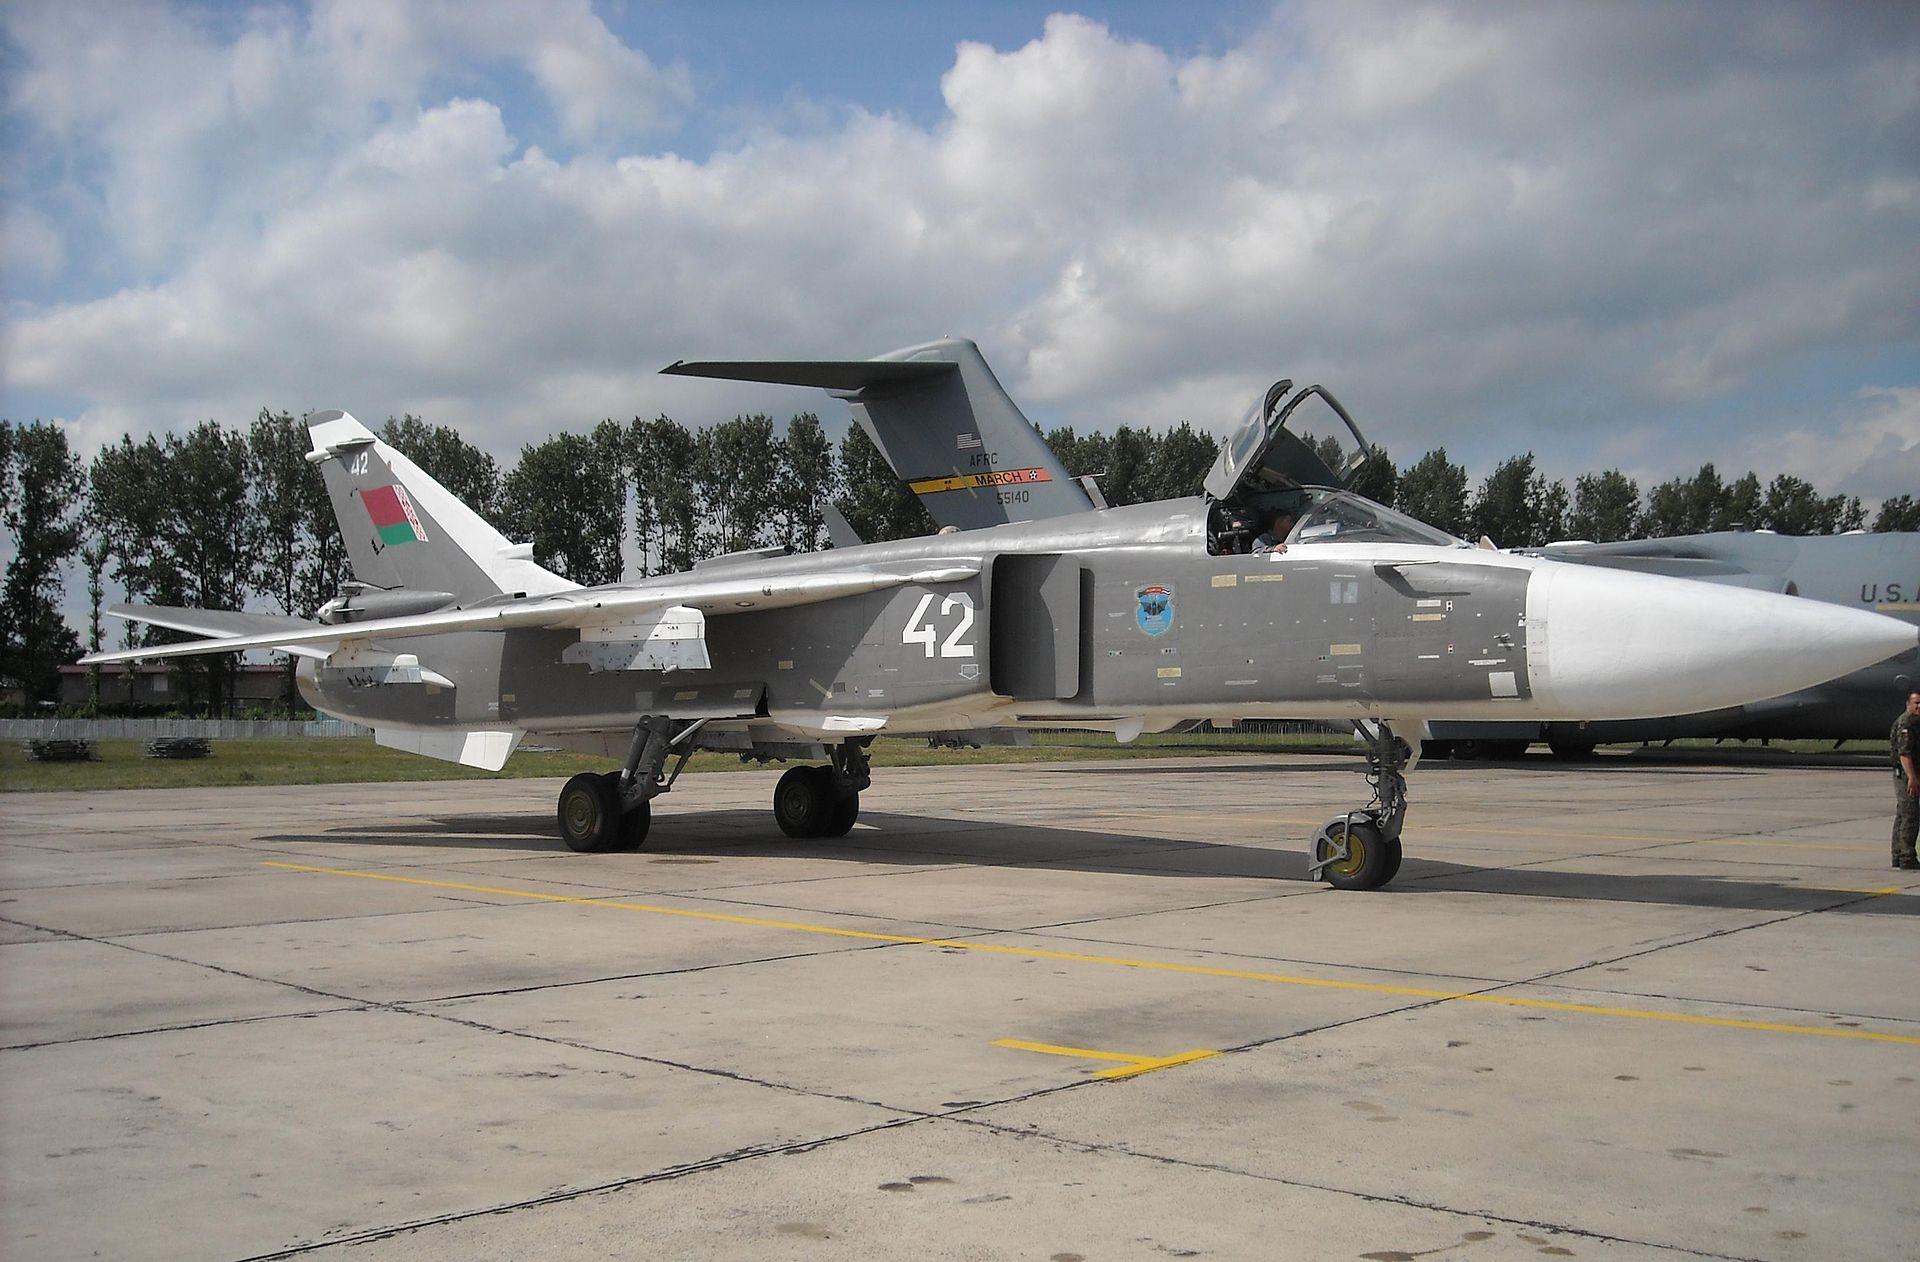 السودان ربما استلم اعداد اضافيه من مقاتلات Su-24 Fencer 1920px-Belarusian_Su-24_Fencer_at_Radom_AS_2009